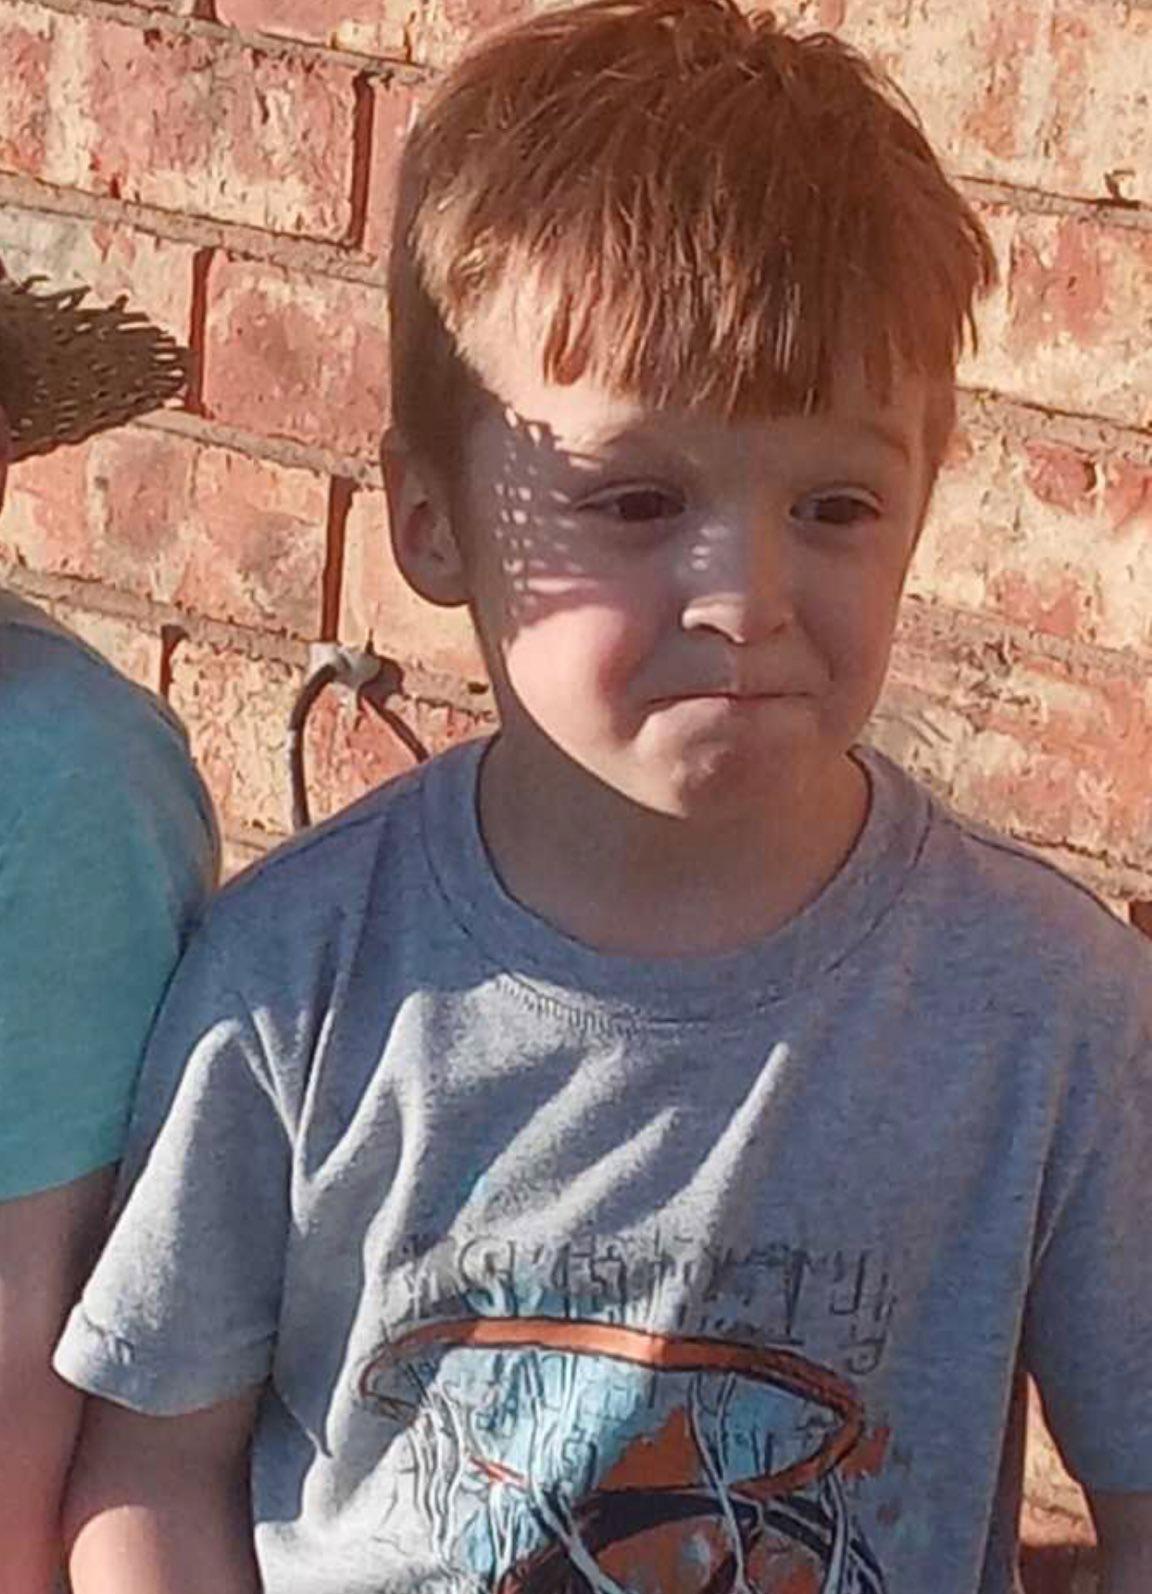 Cash Gernon, 4-year-old Texas boy found dead. Credit: Dallas Police